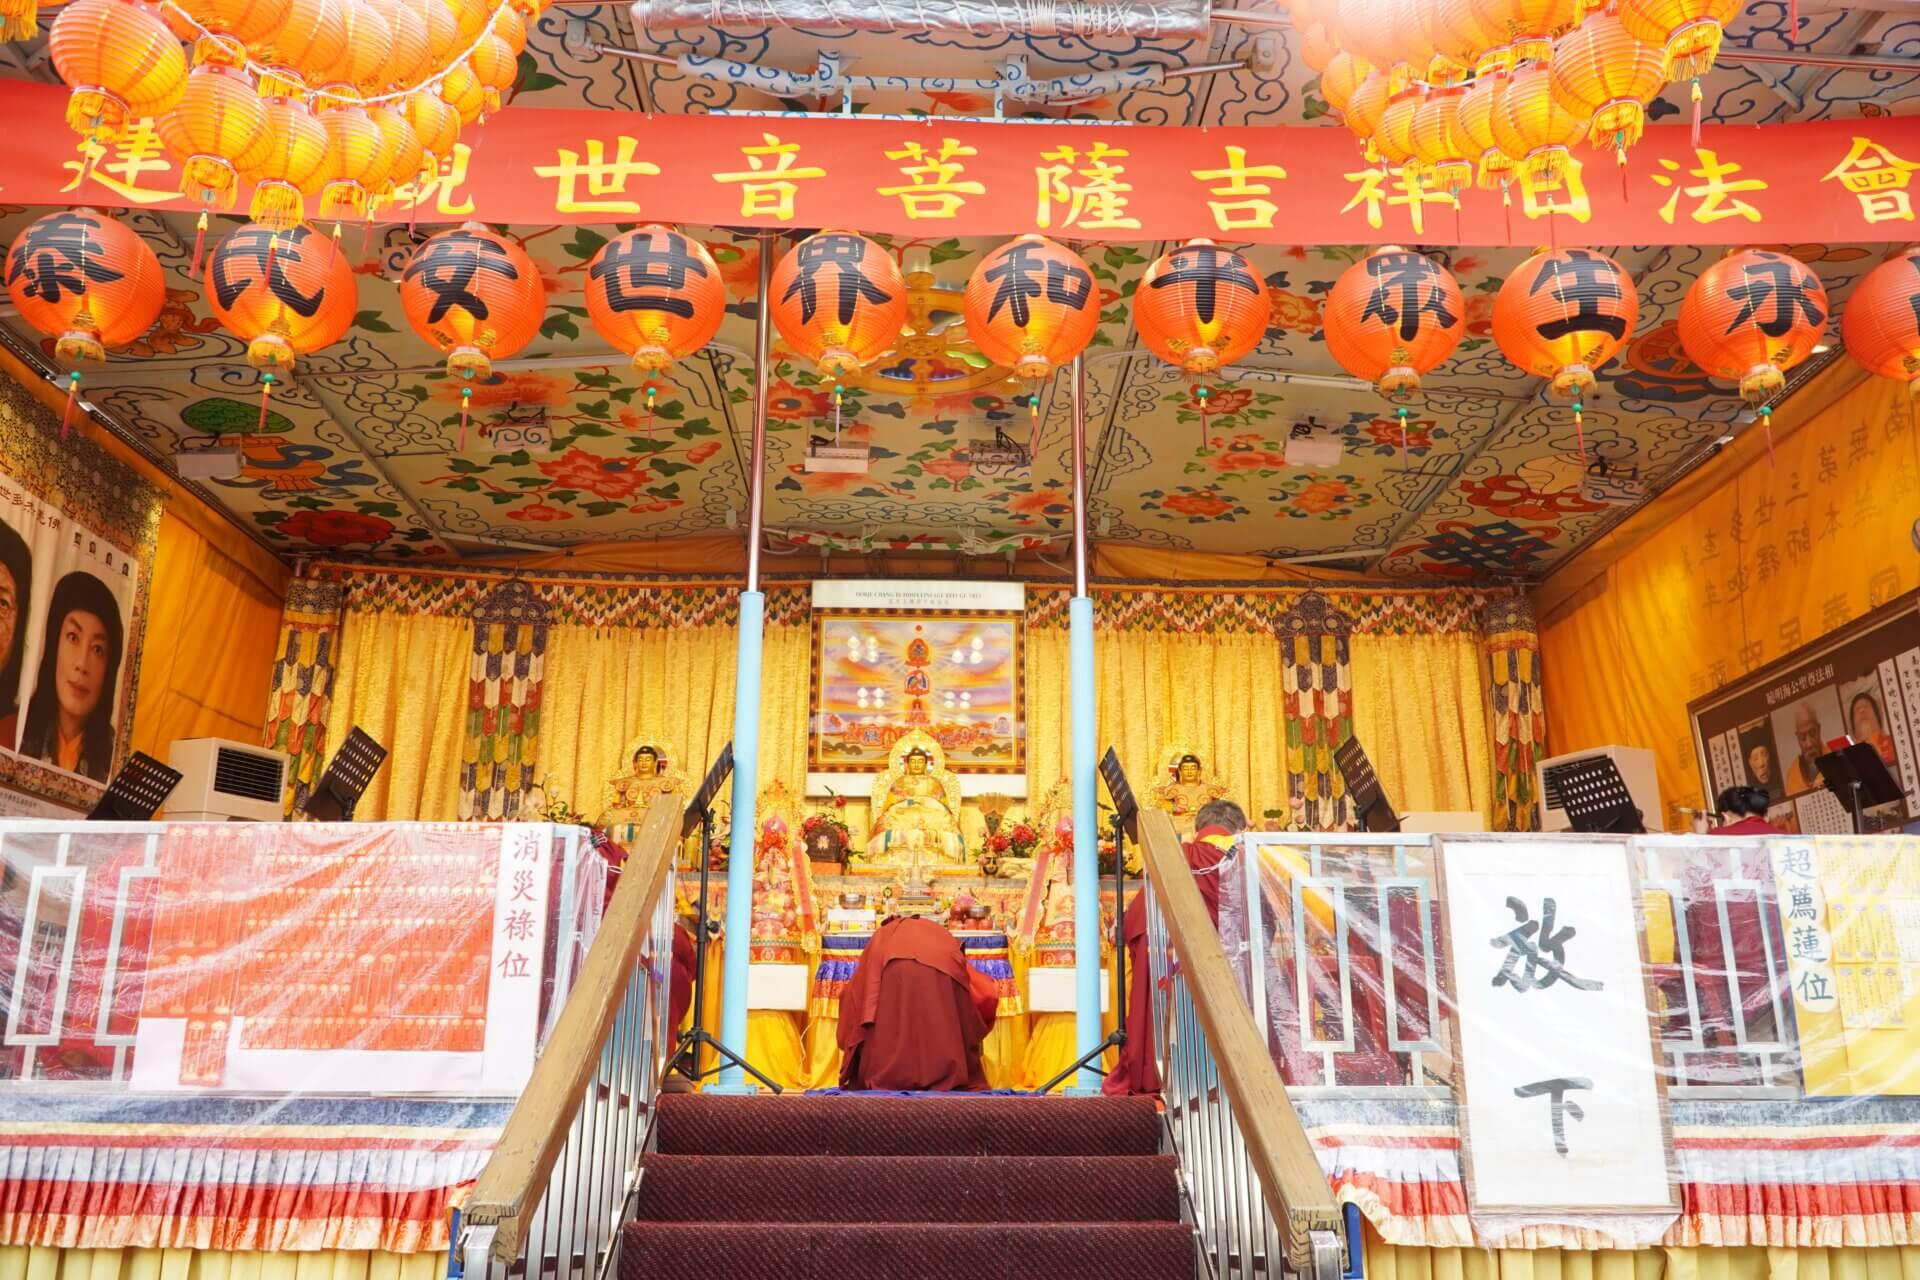 世界佛教正心會去年行動佛殿舉辦啟建恭祝觀世音菩薩吉祥日法會,祈請世界佛教教皇南無第三世多杰羌佛 南無本師釋迦牟尼佛 為國泰民安 世界和平 一切眾生光明永昌祈福